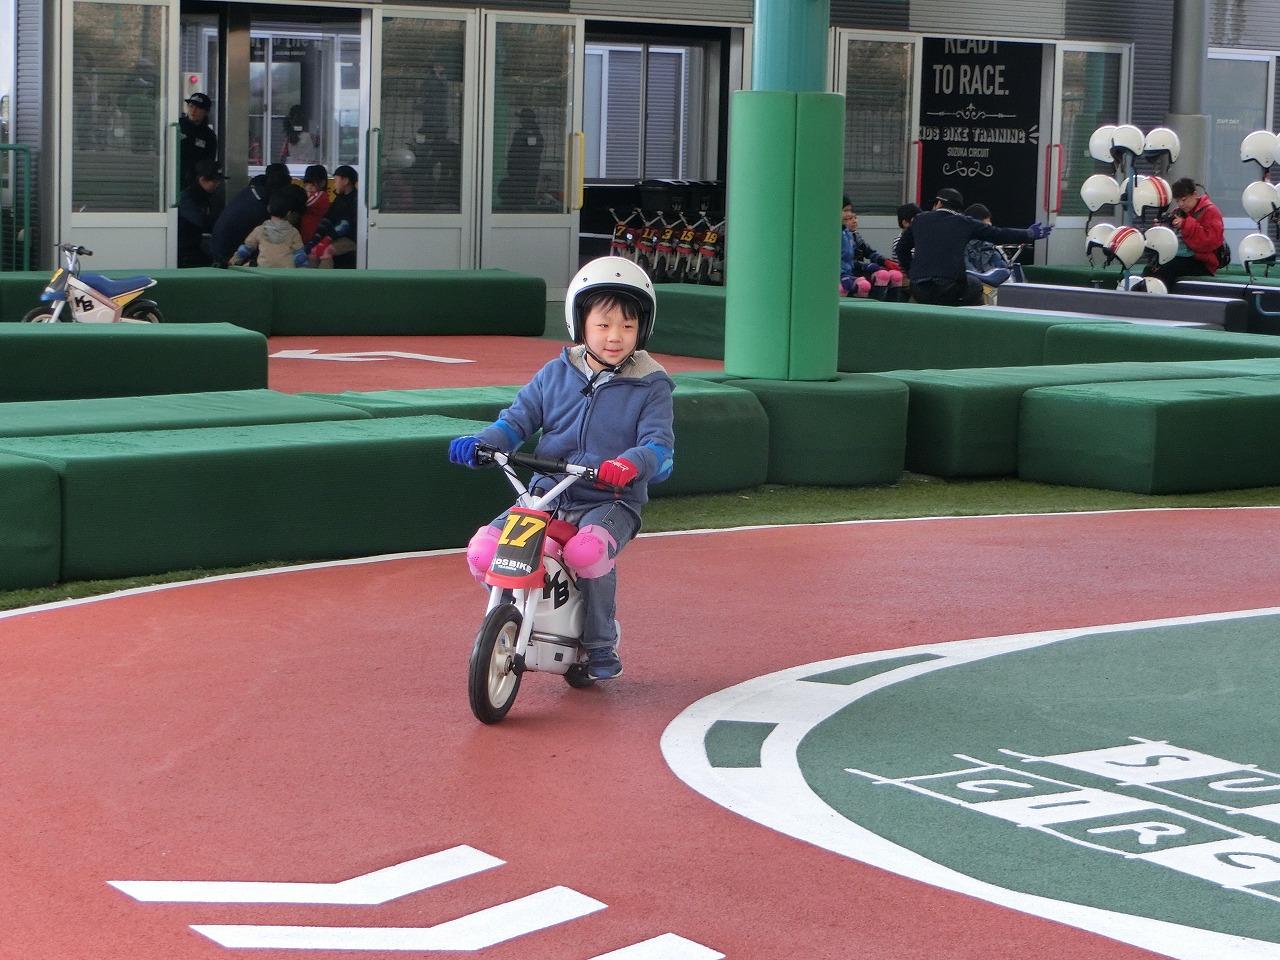 「鈴鹿サーキットに立体オフロードコース!? 親子で楽しめる4つのバイクアトラクションがオープン」の13枚目の画像